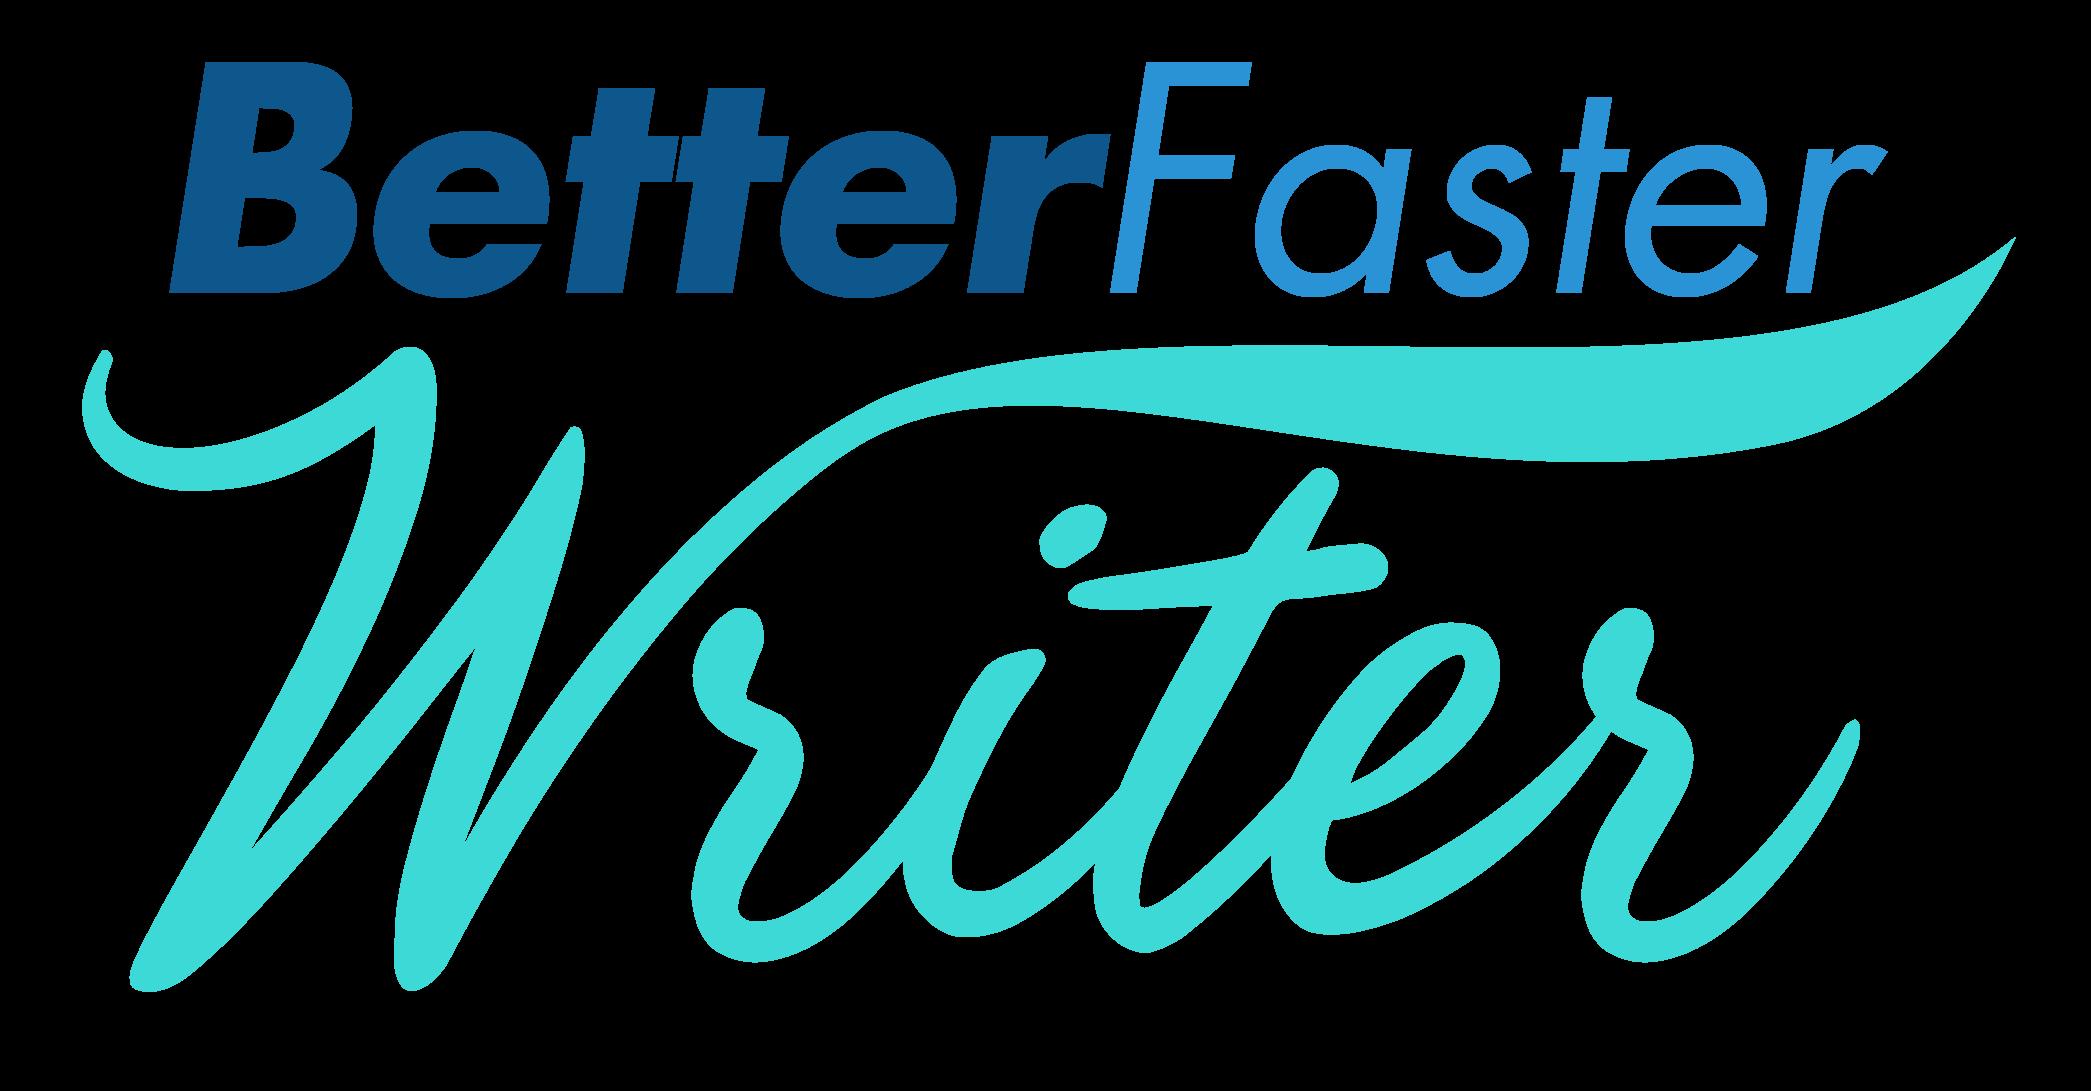 Better Faster Writer